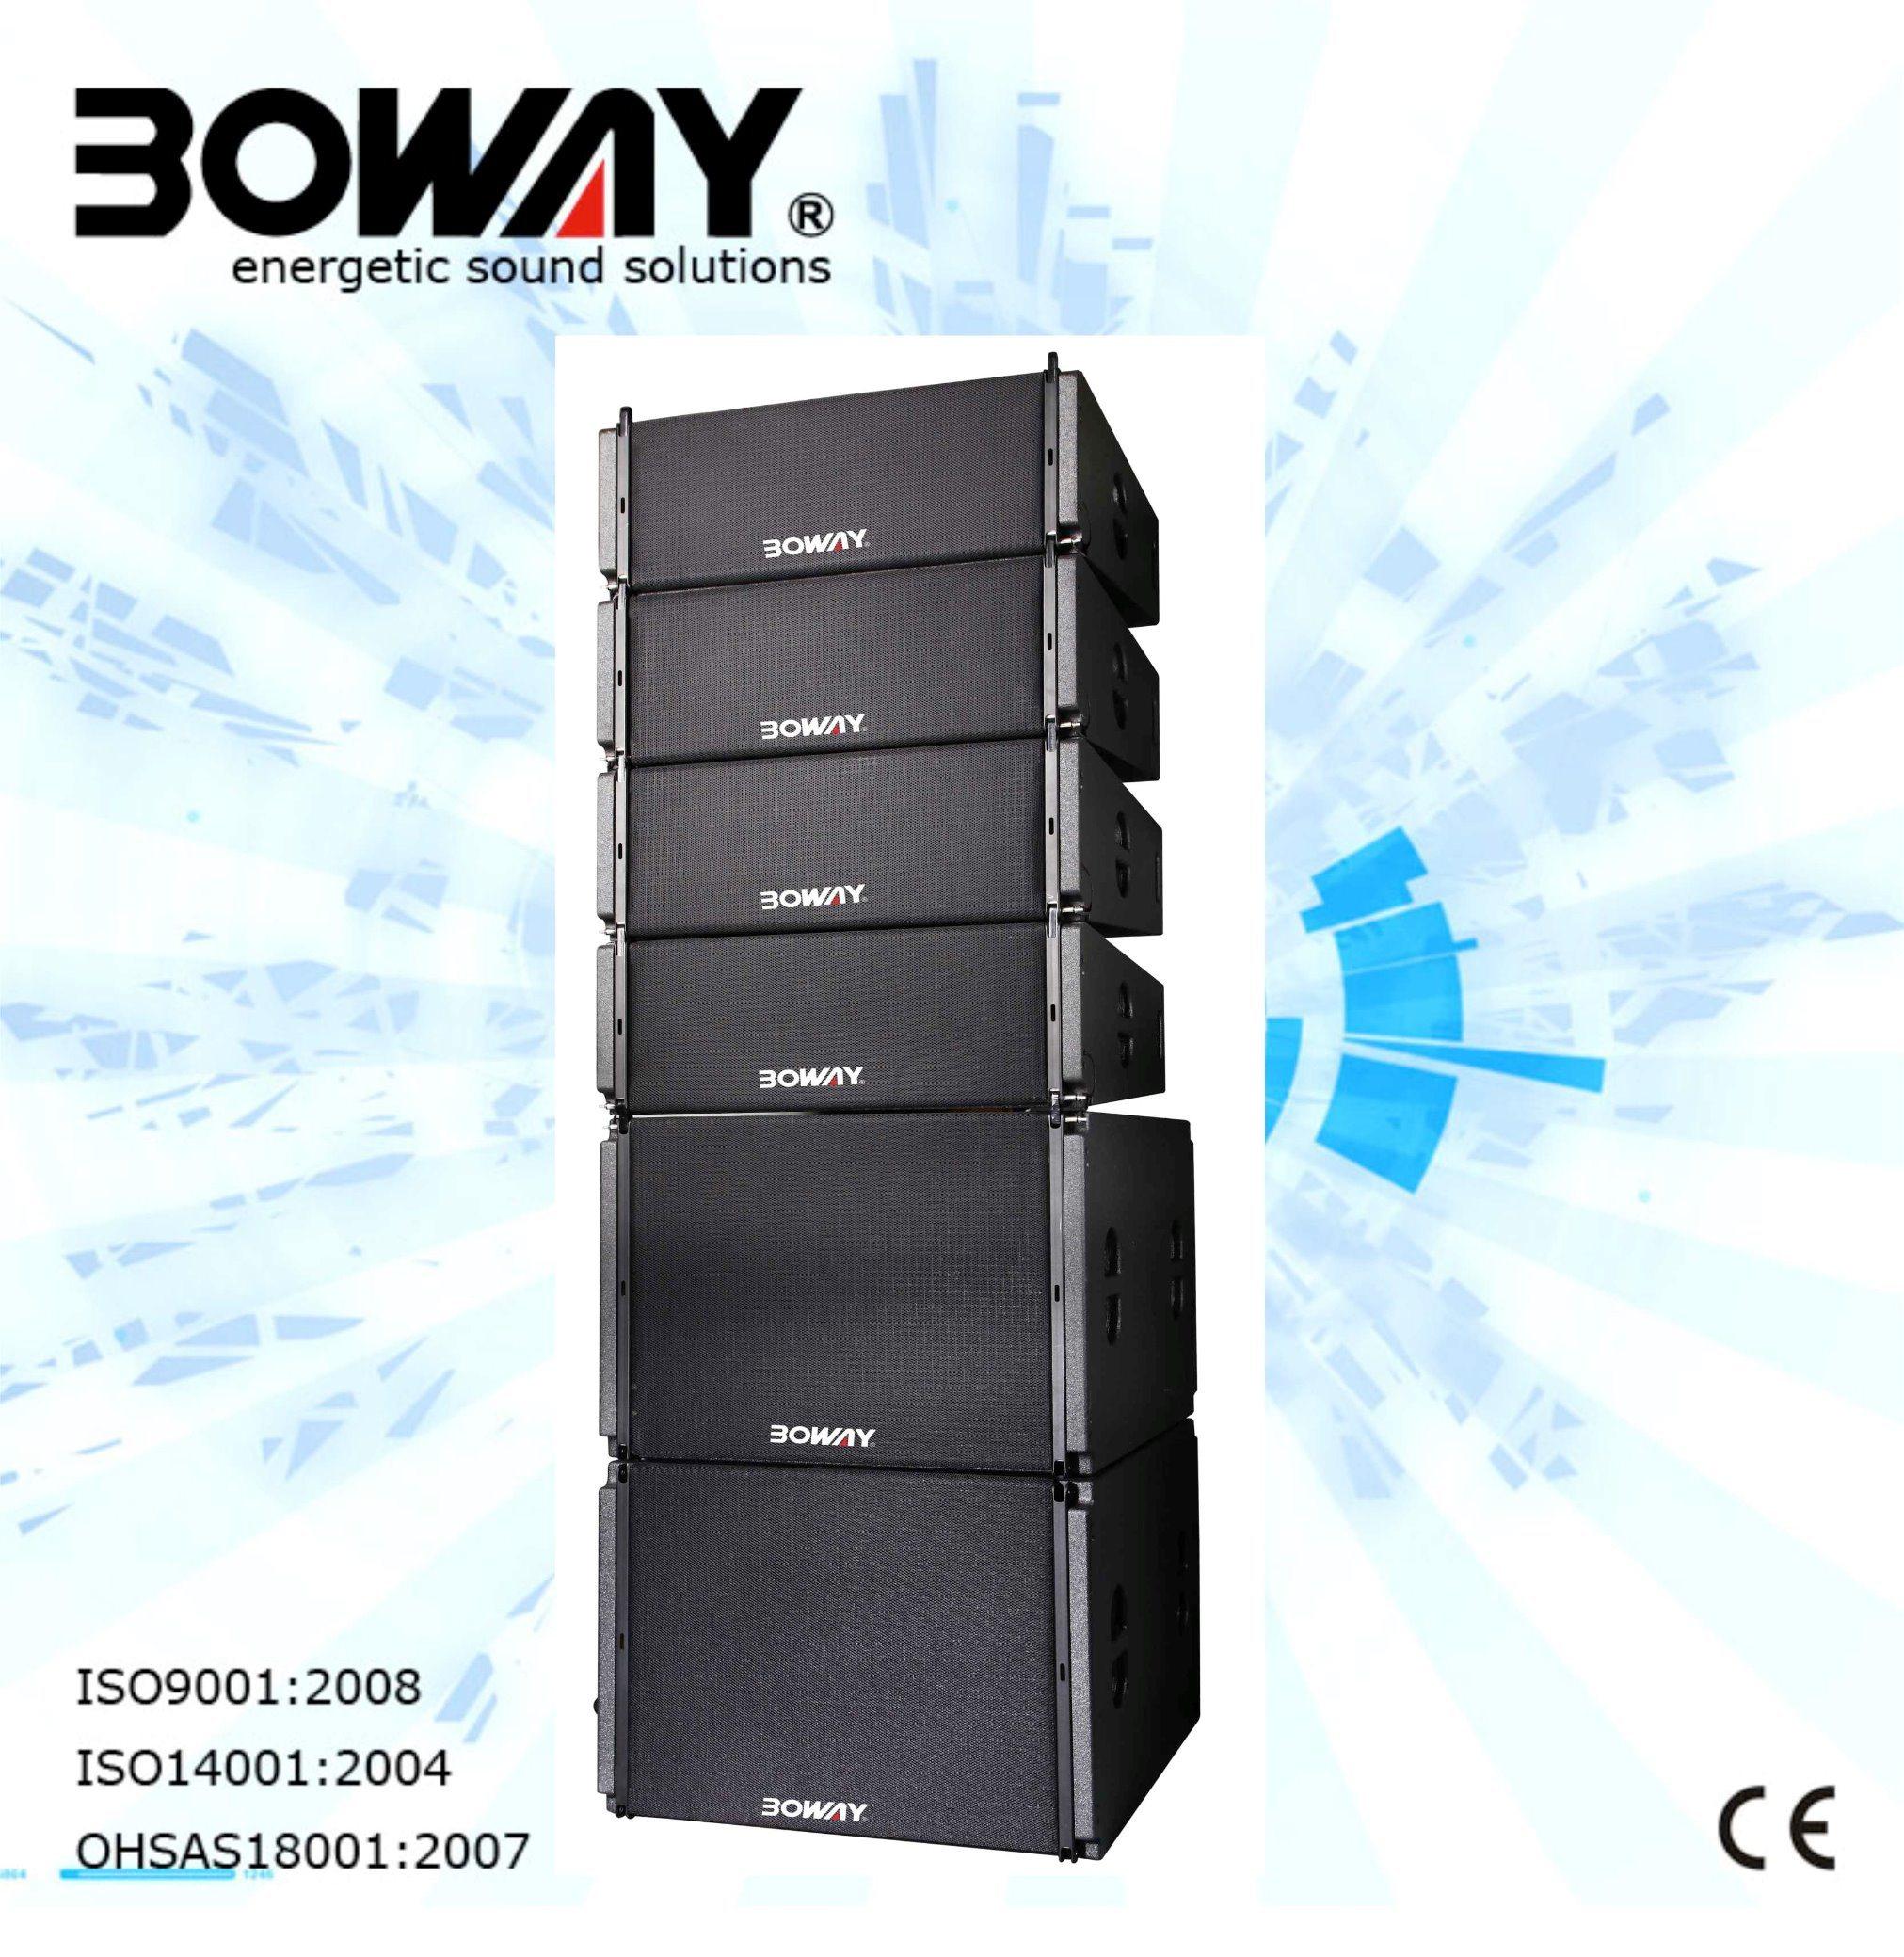 New Model Vt-36 (Vt-33) Professional Line Array Speaker